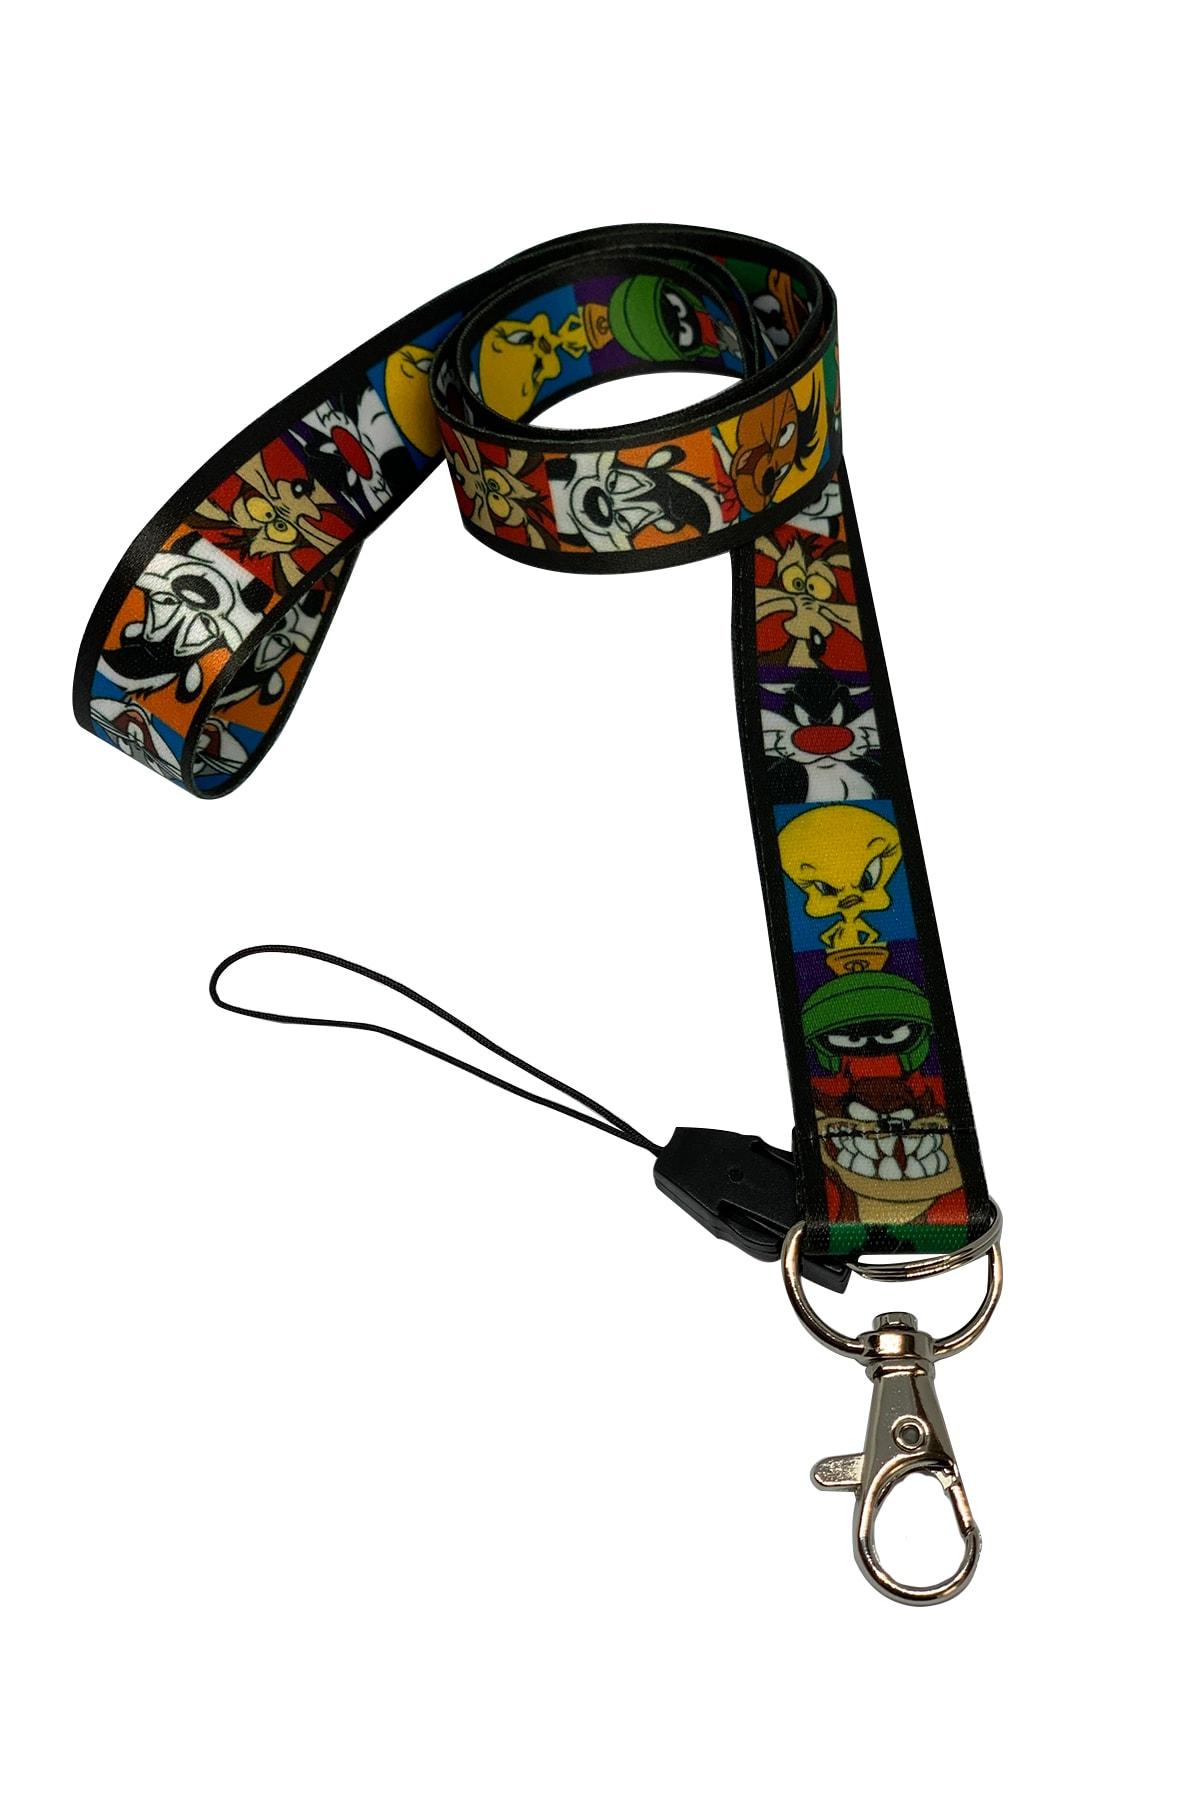 StormiStoretr Looney Tunes Boyun Ipi Ve Telefon Askısı 2